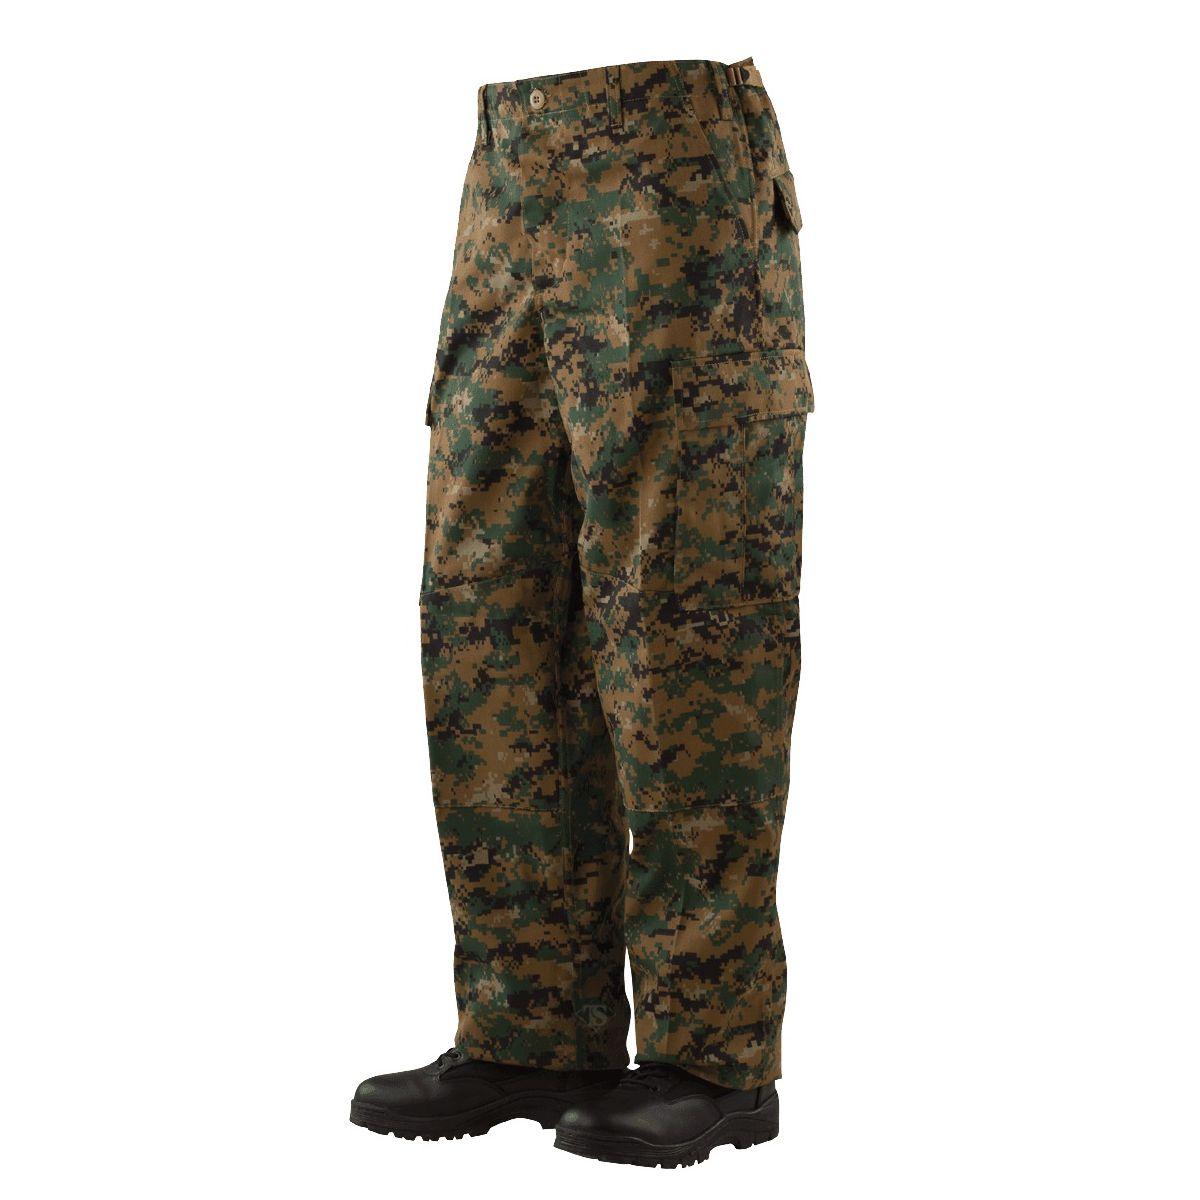 Kalhoty USMC DIGITAL WOODLAND (MARPAT)